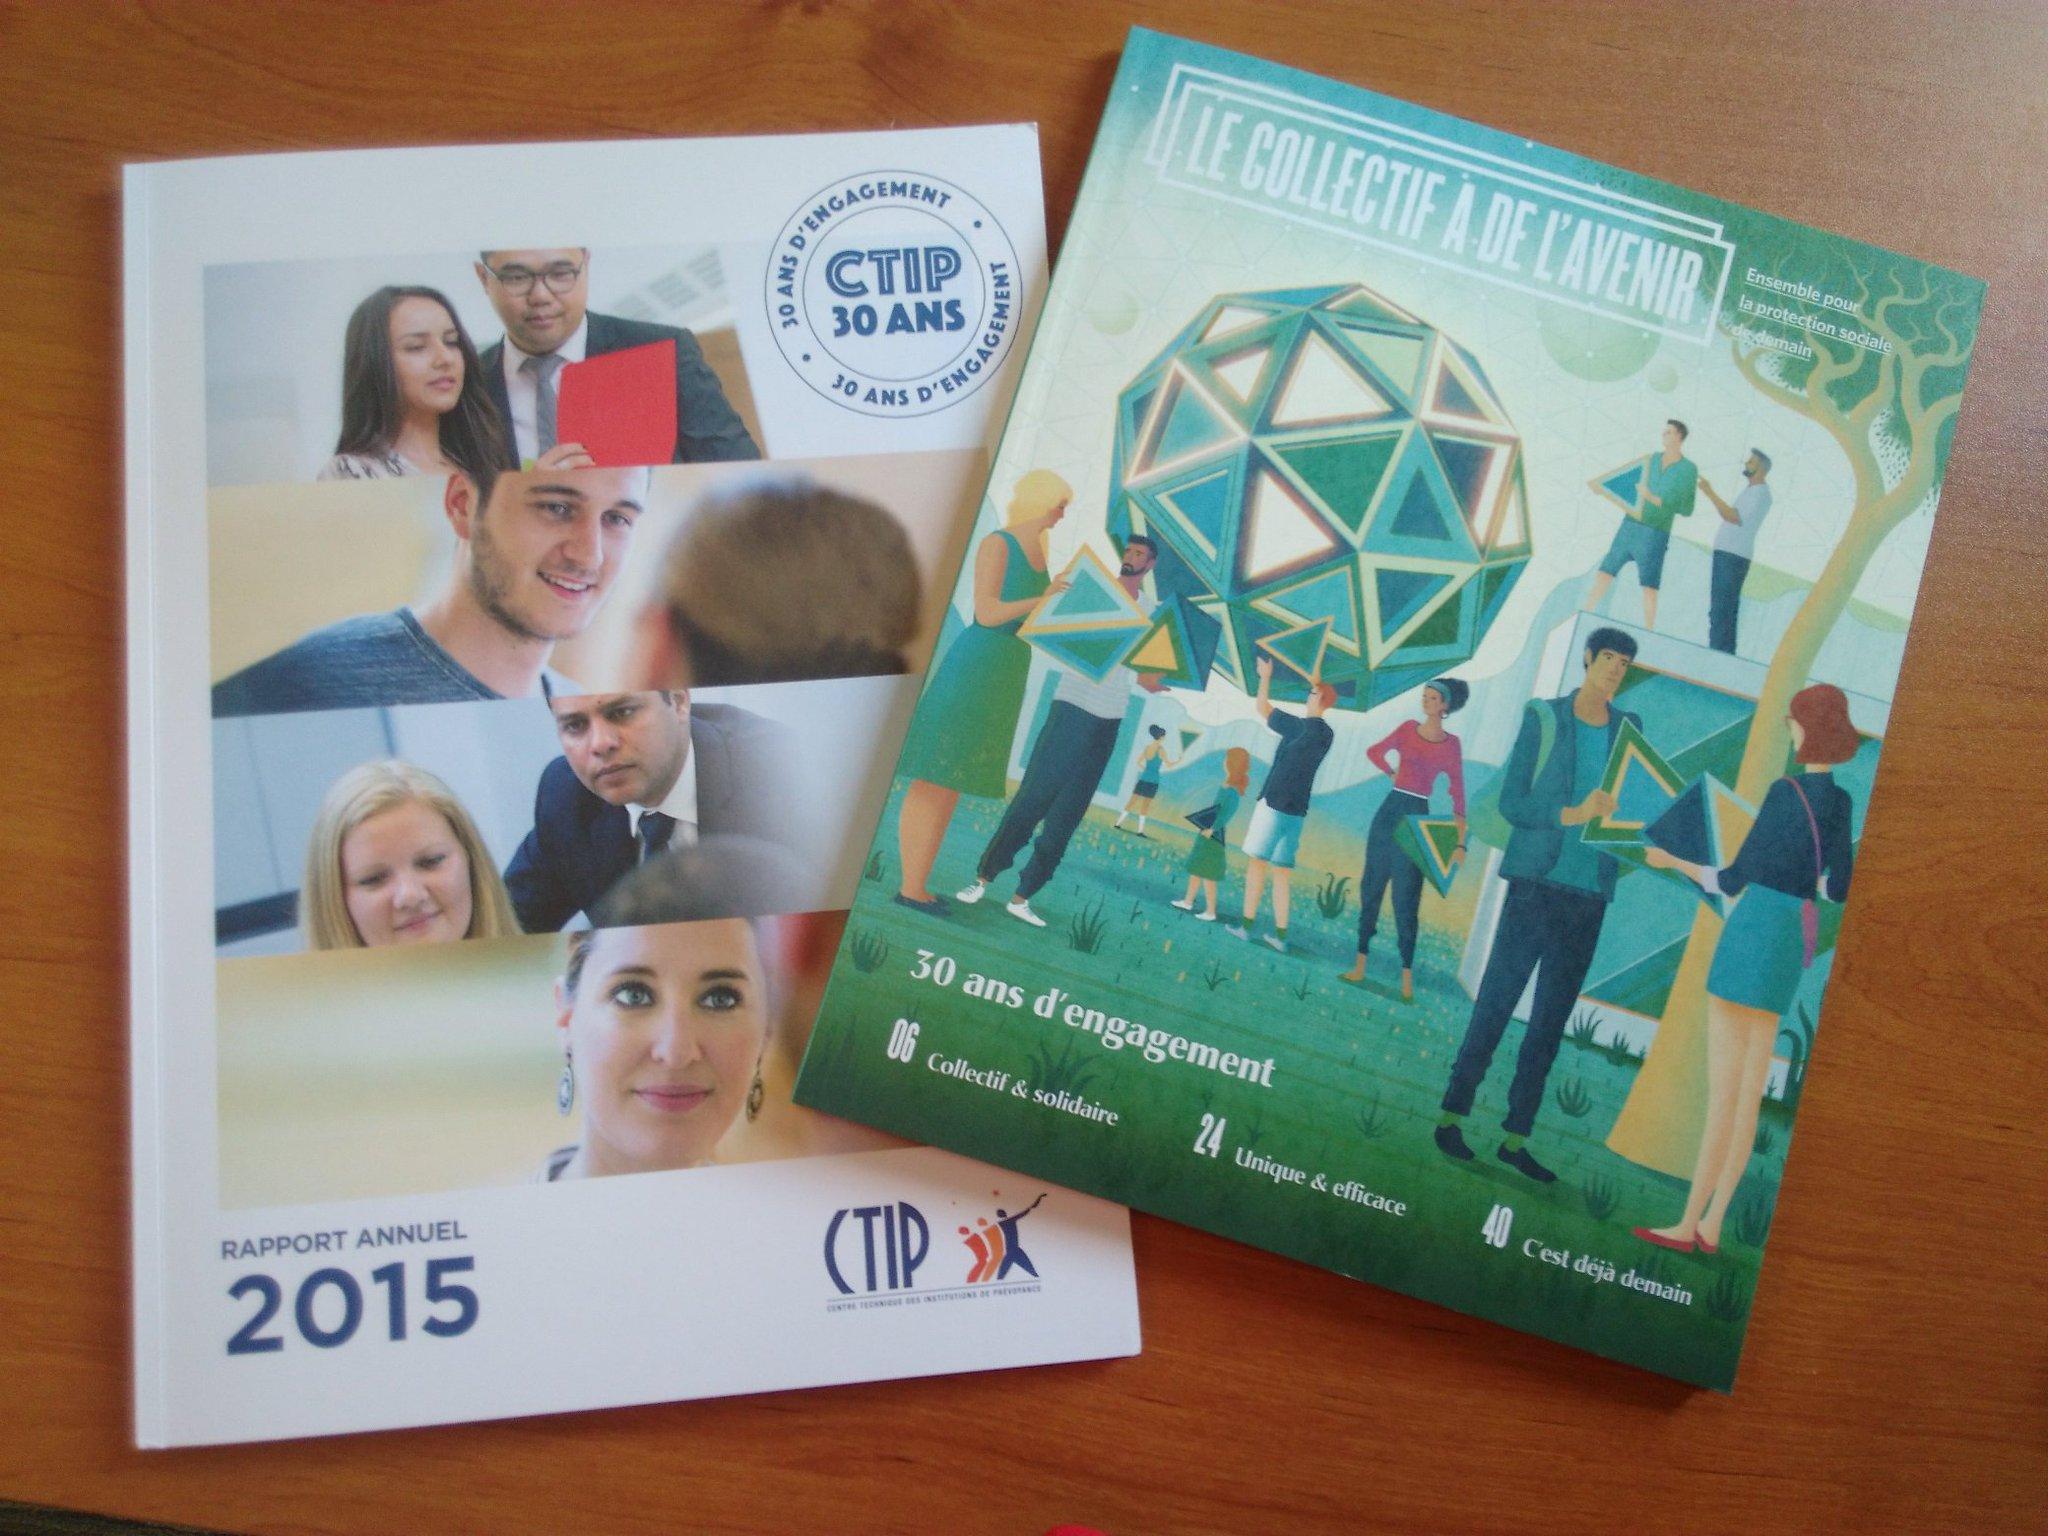 Le rapport annuel 2015 et l'ouvrage Le #collectif a de l'avenir viennent d'arriver. A découvrir le 5 juillet #CTIP30 https://t.co/du3e5RsVnn